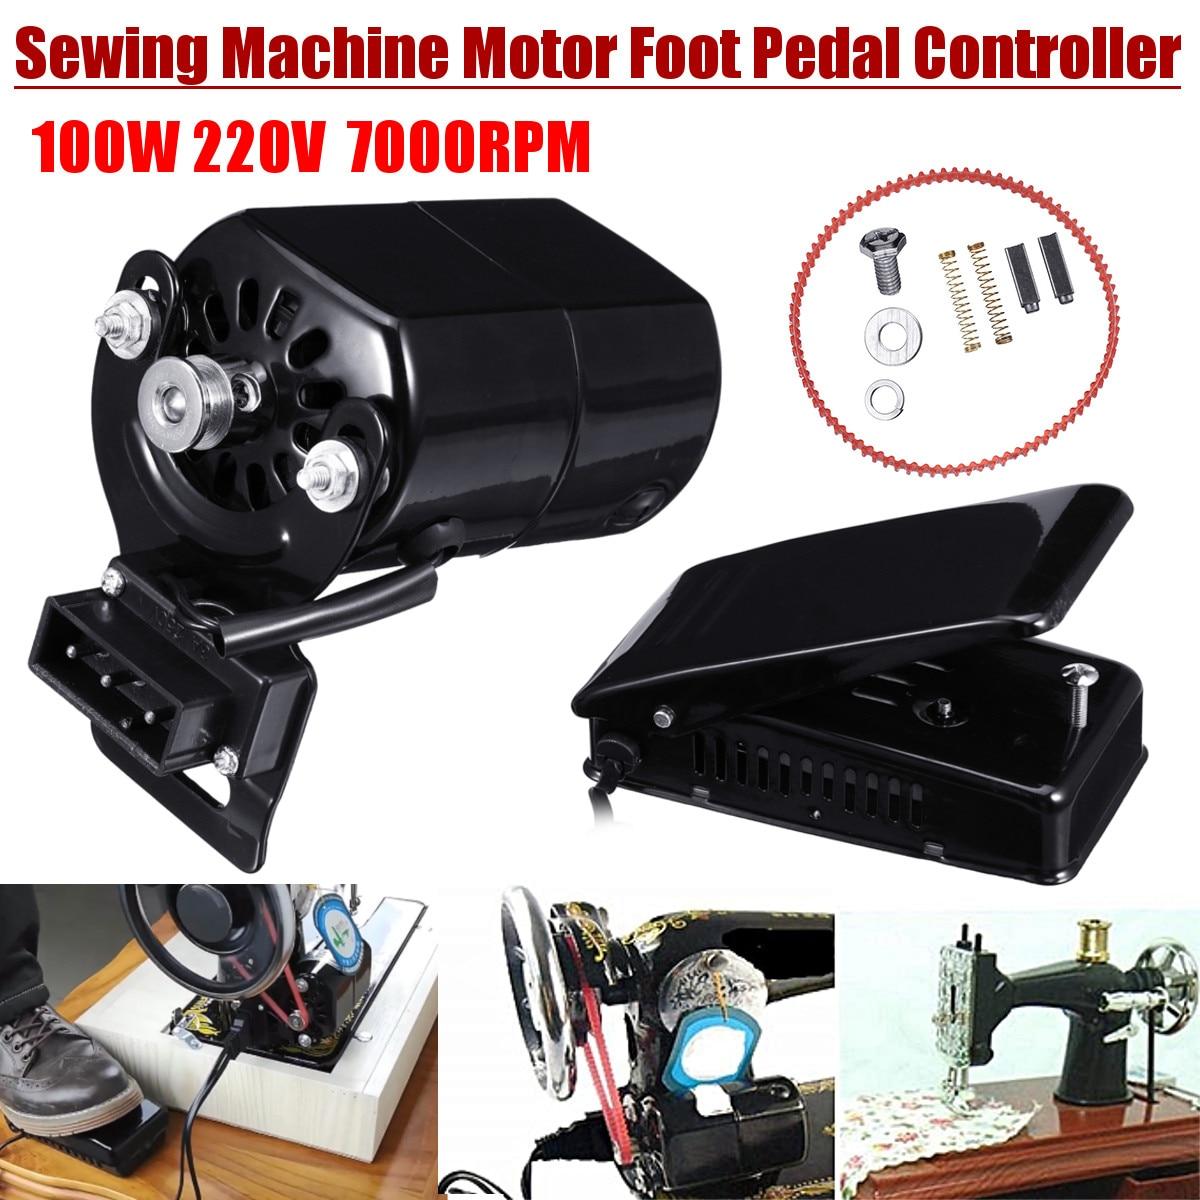 220v/110V 100W 0,5 Ампер швейная машина с мотором на 7000 r/мин для швейной машины, полировальная машинка для ног контроллер комплект ручной работы акс...